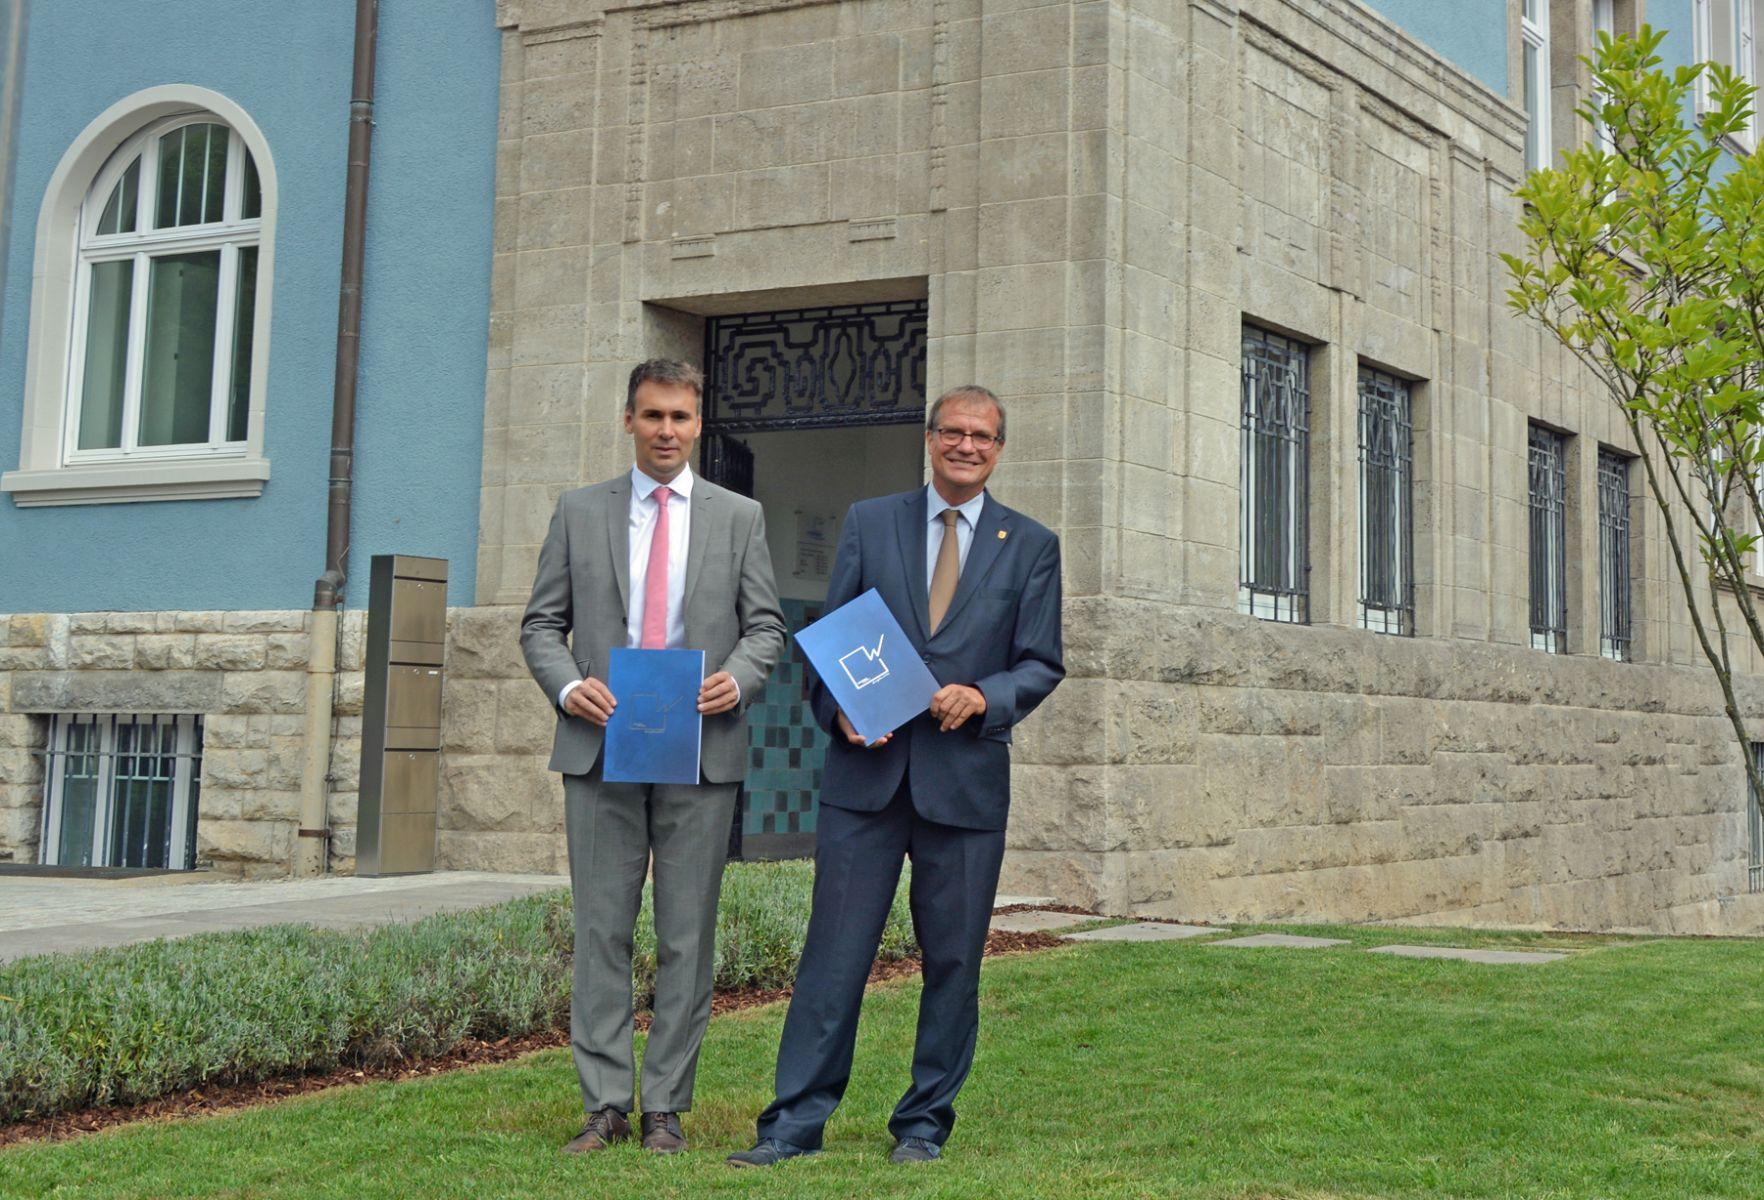 Geschäftsführer Markus Schwamm und Aufsichtsratvorsitzender Oberbürgermeister Klaus Eberhardt stellten den Geschäftsbericht 2017 vor.